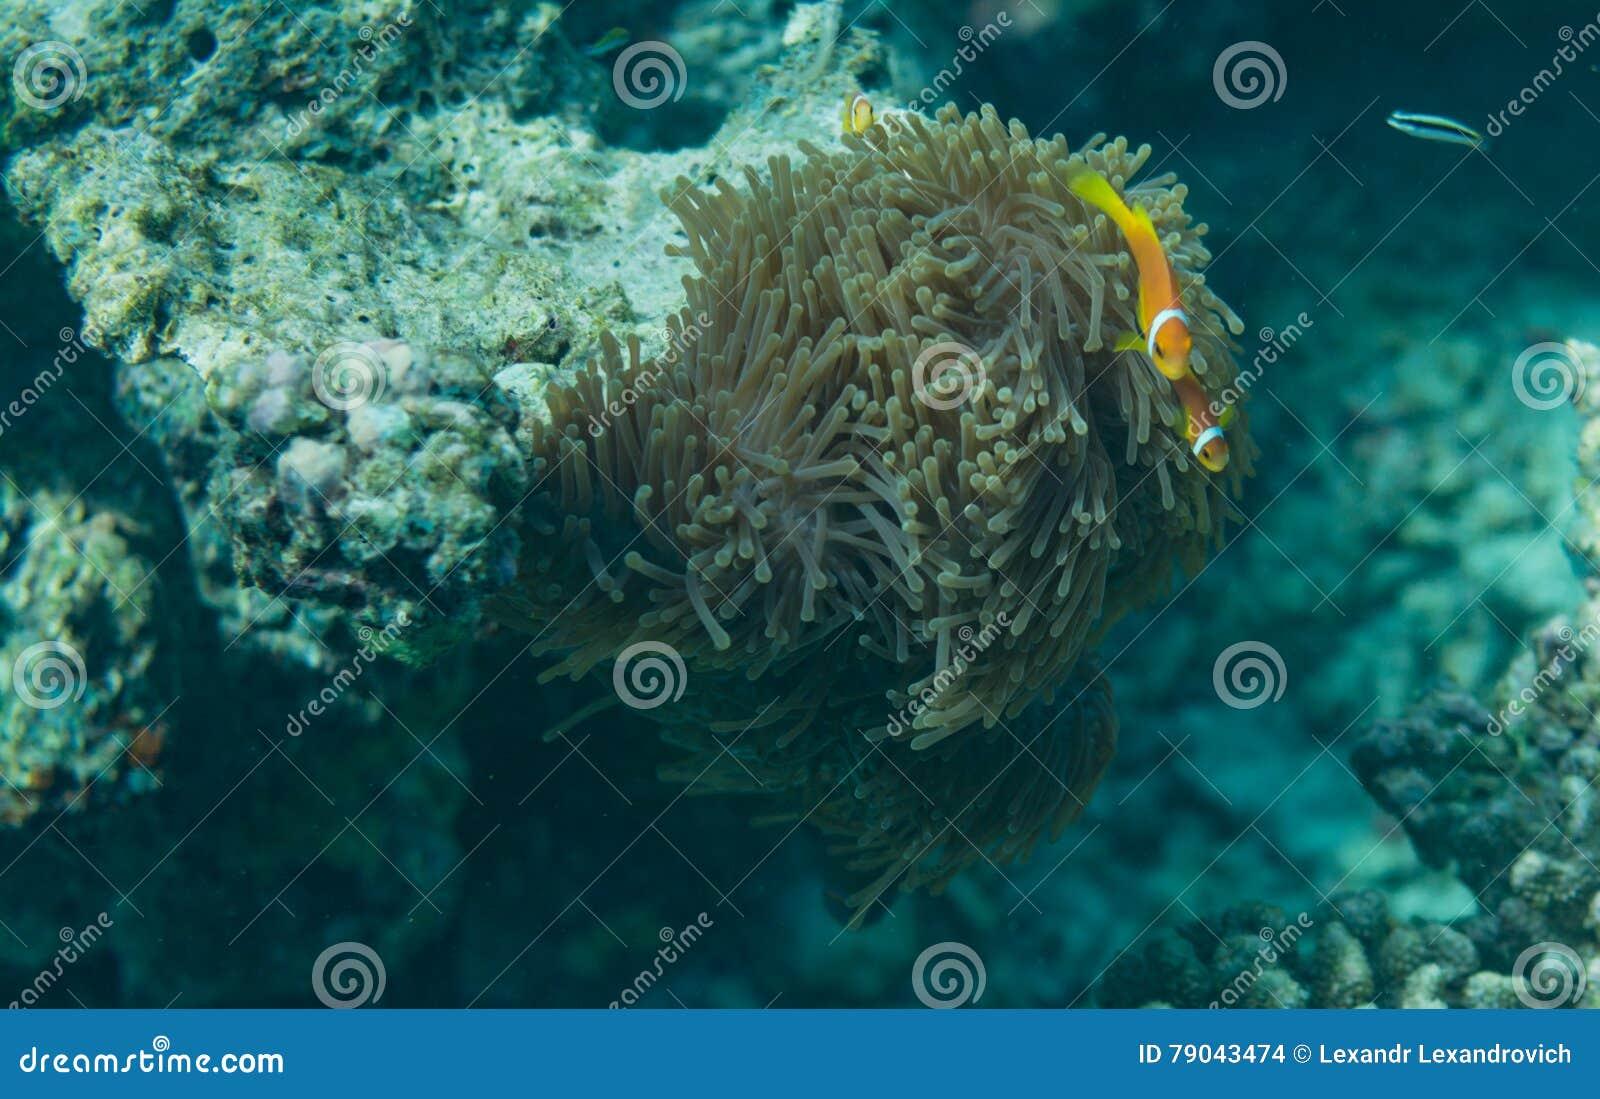 生长在岩石的珊瑚植物水下在马尔代夫